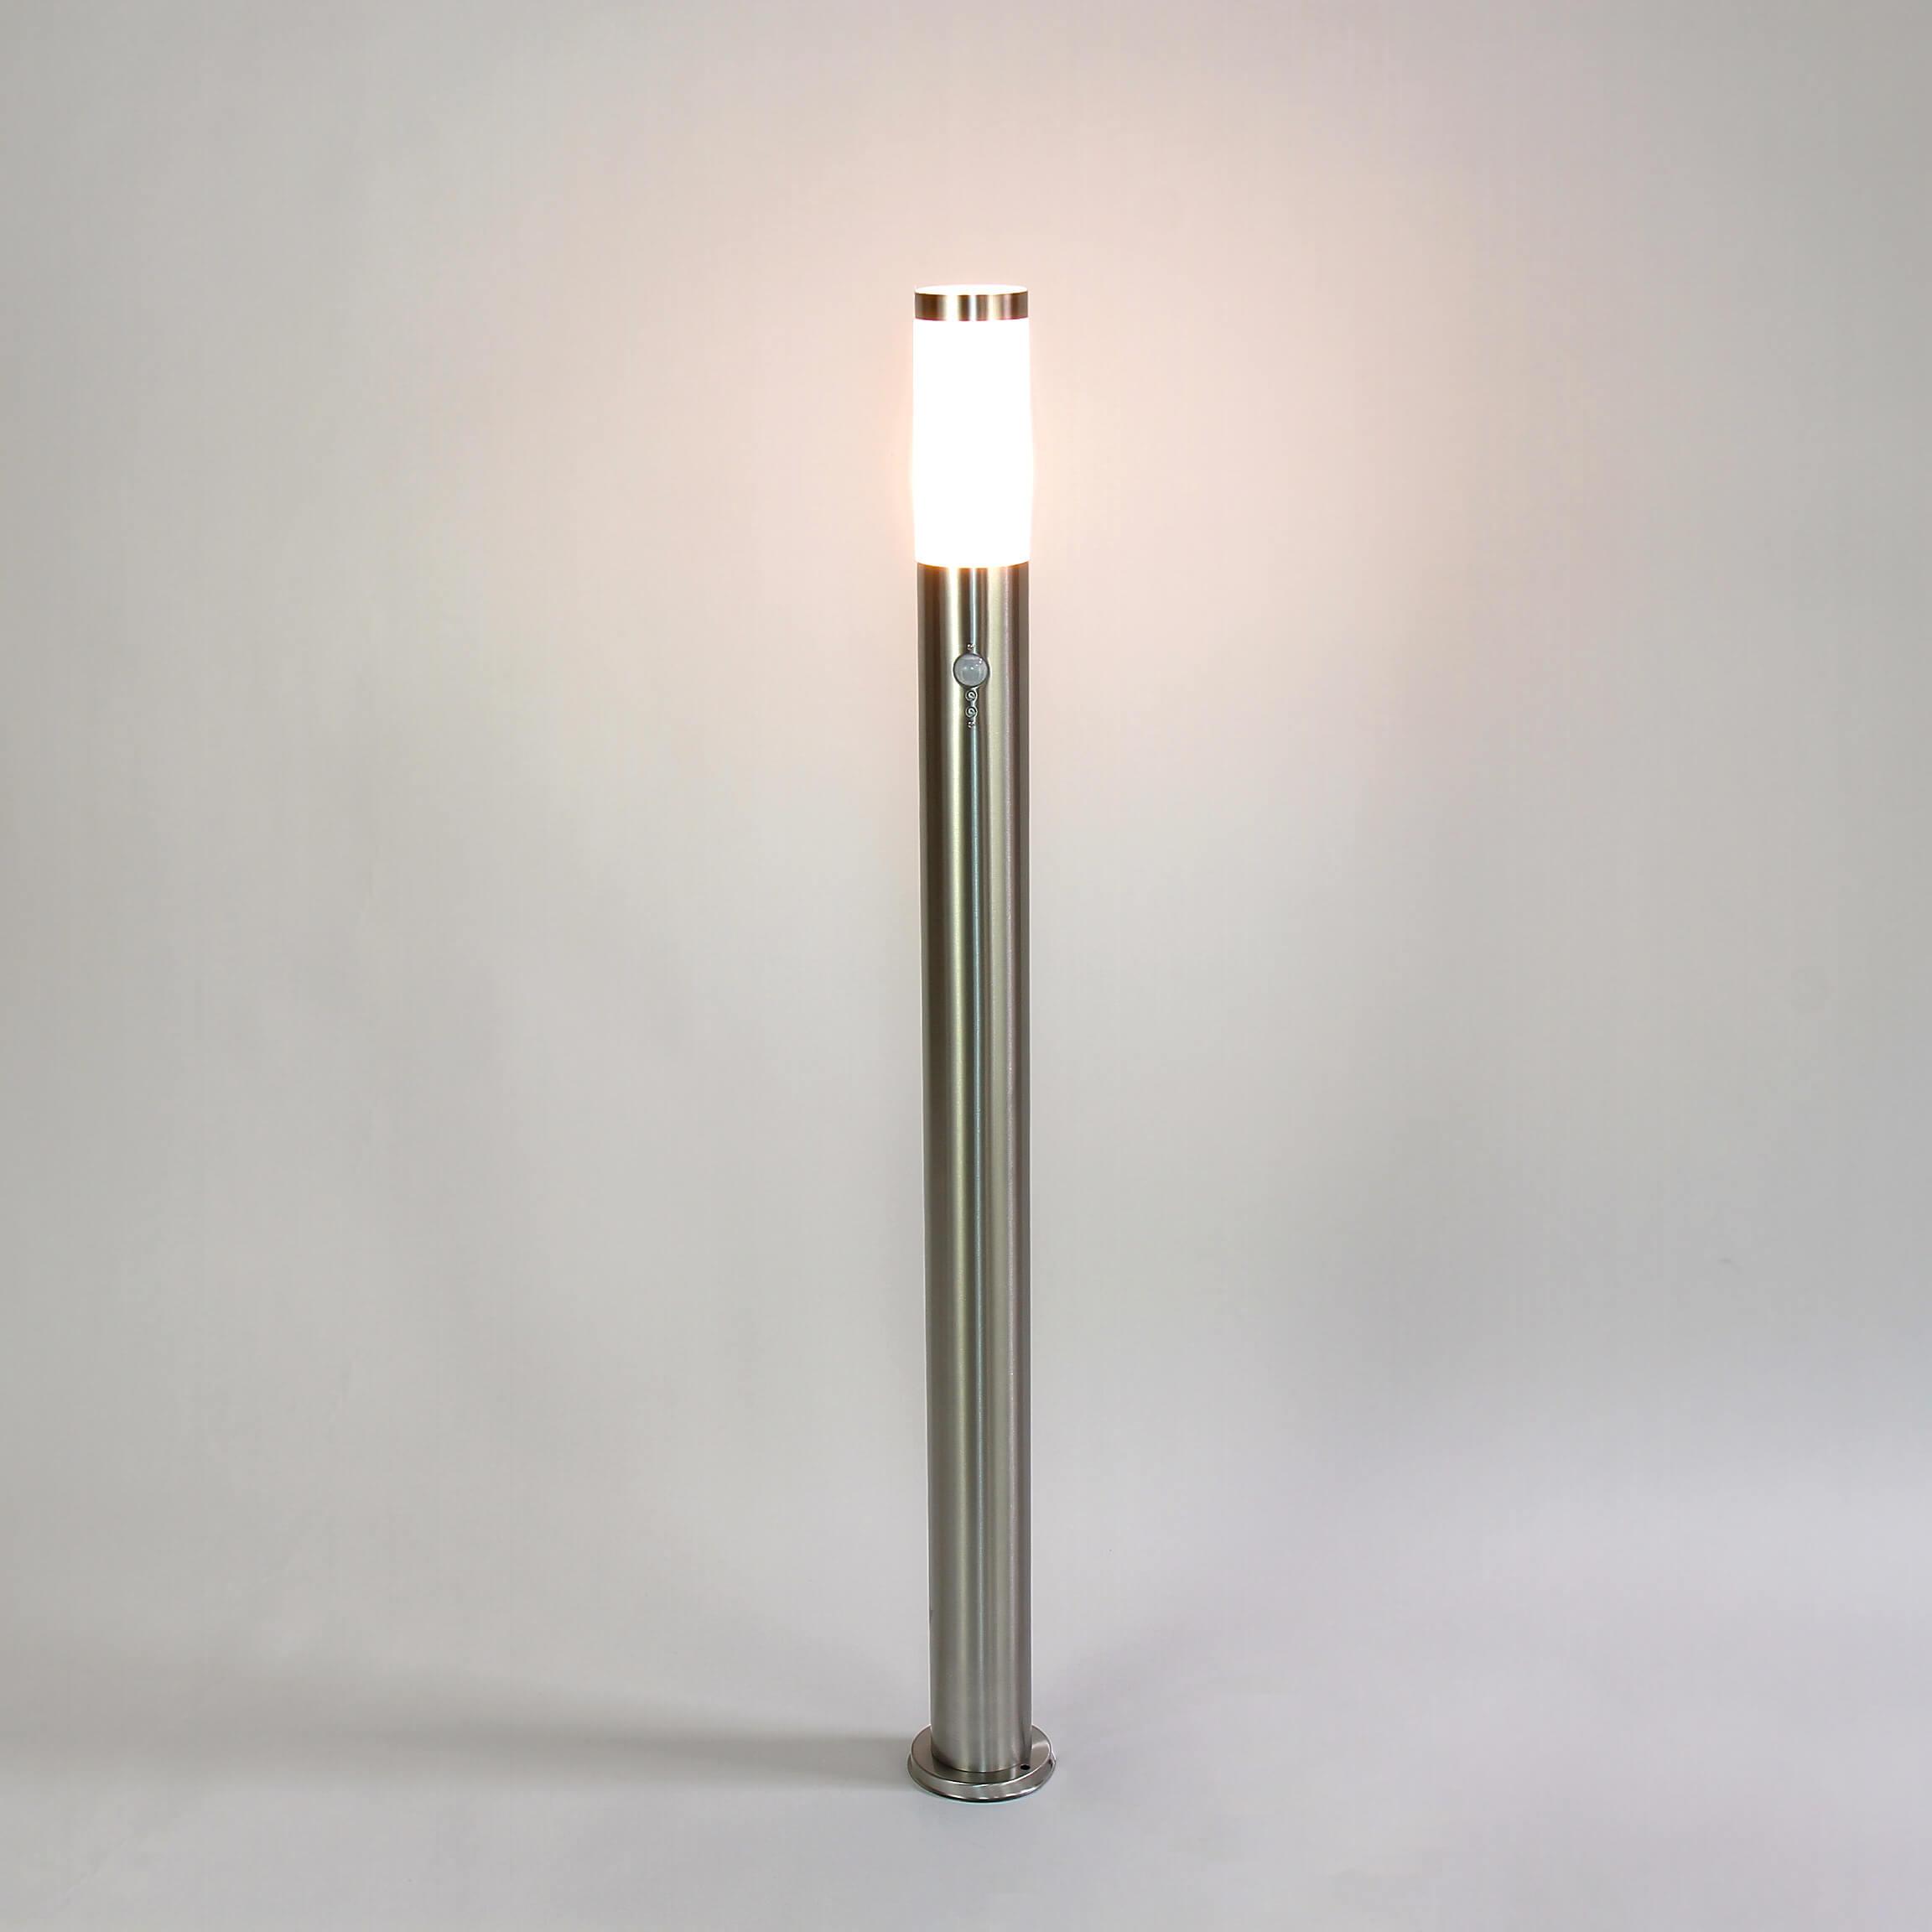 LED Wegeleuchte mit Bewegungsmelder Pollerleuchte Edelstahl Außenlampe Garten